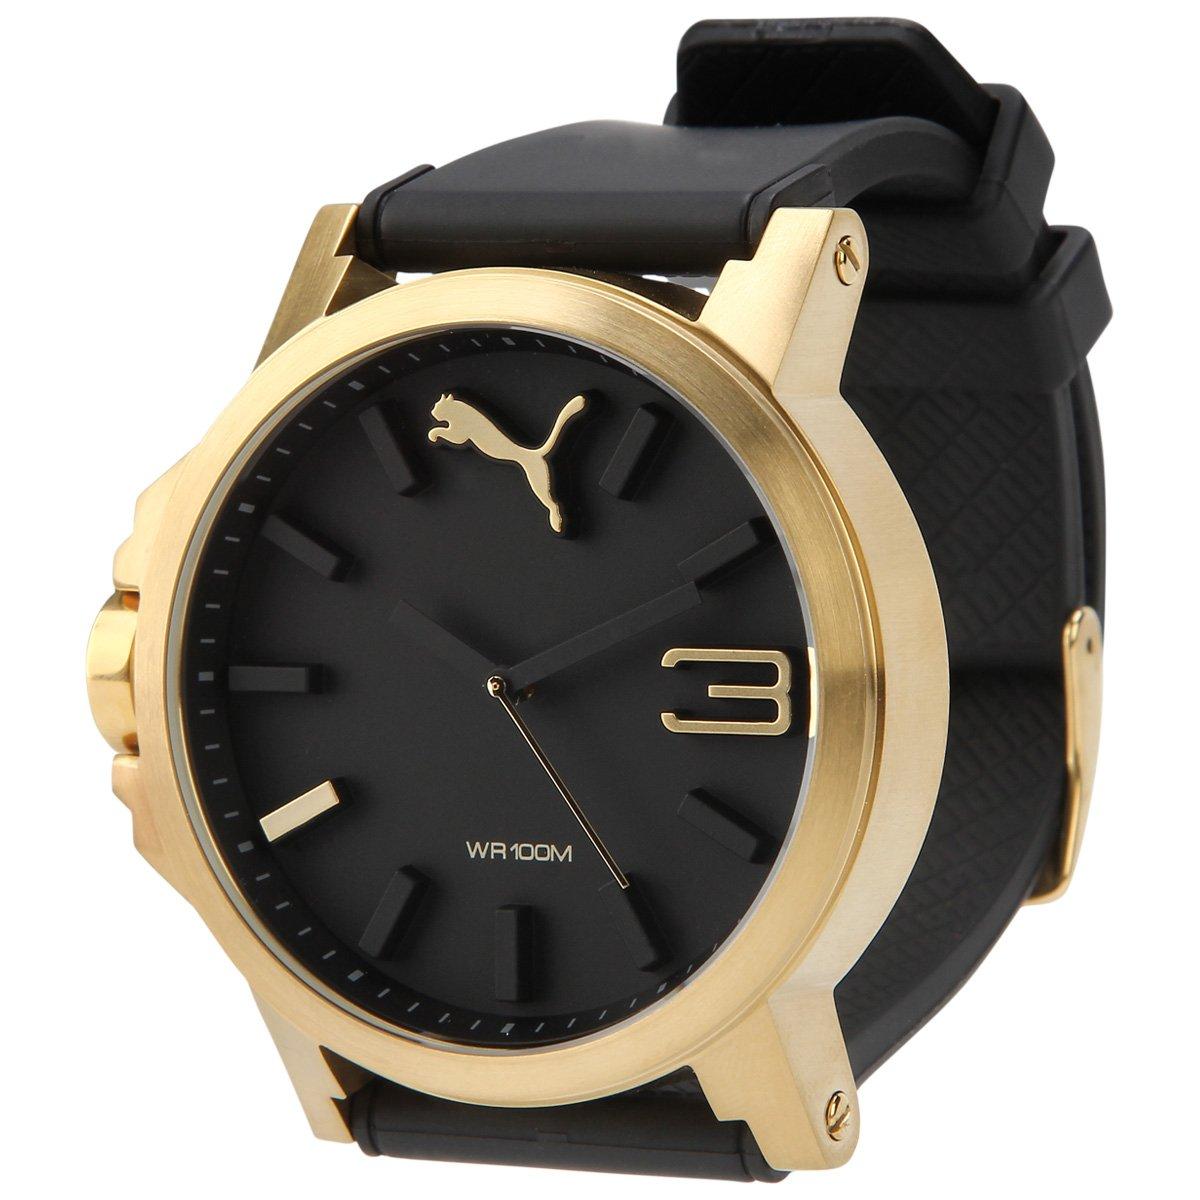 1d61d6911c4 Relógio puma ultrasize compre agora netshoes jpg 1200x1200 Relogio puma